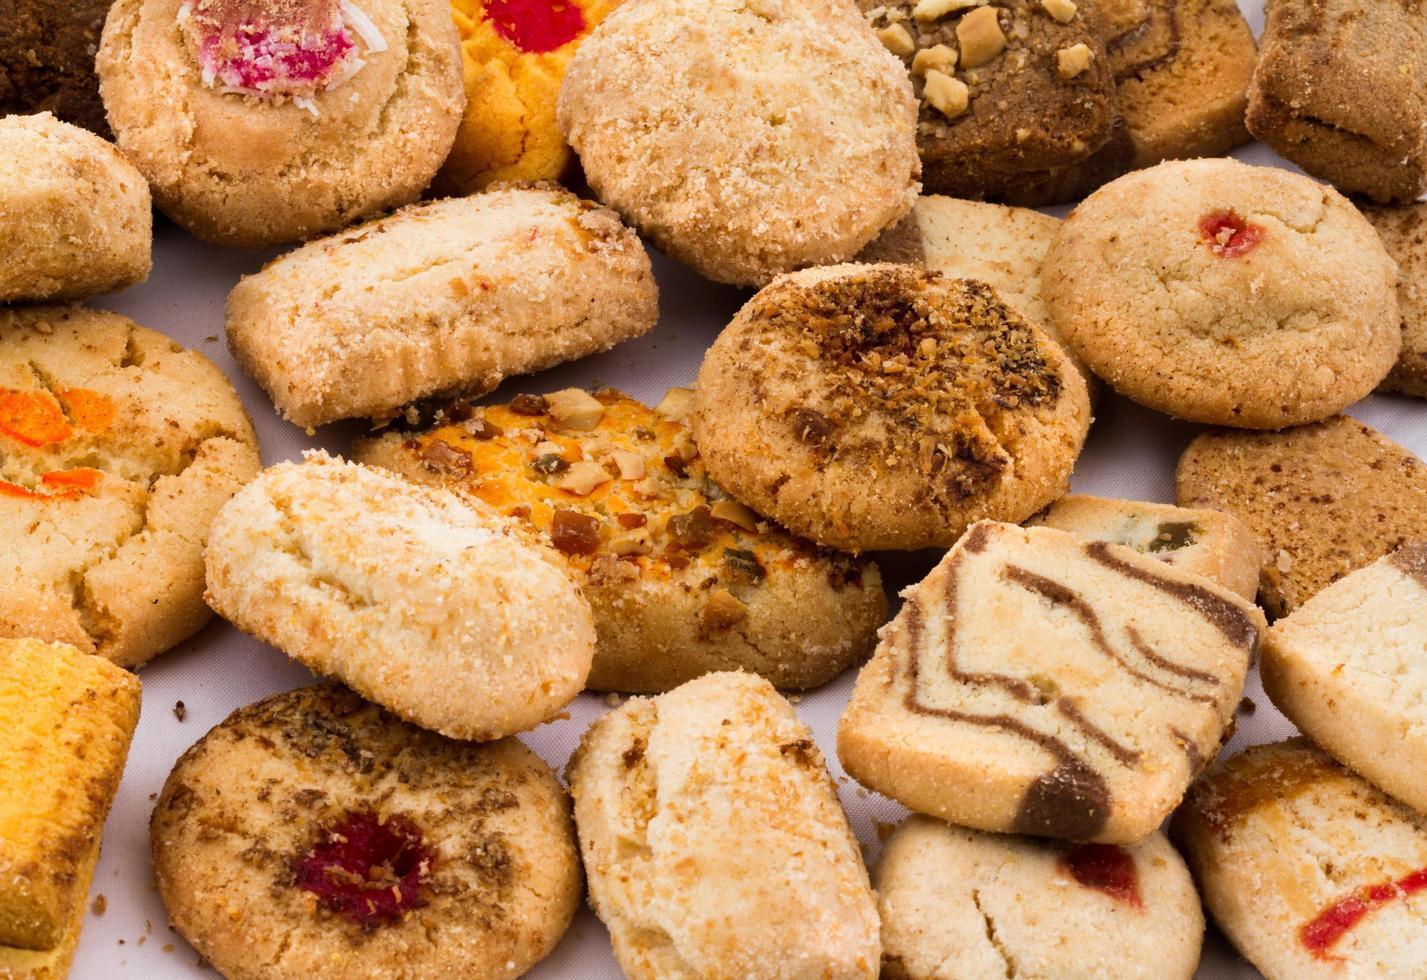 biscotti fatti in casa indiani freschi foto